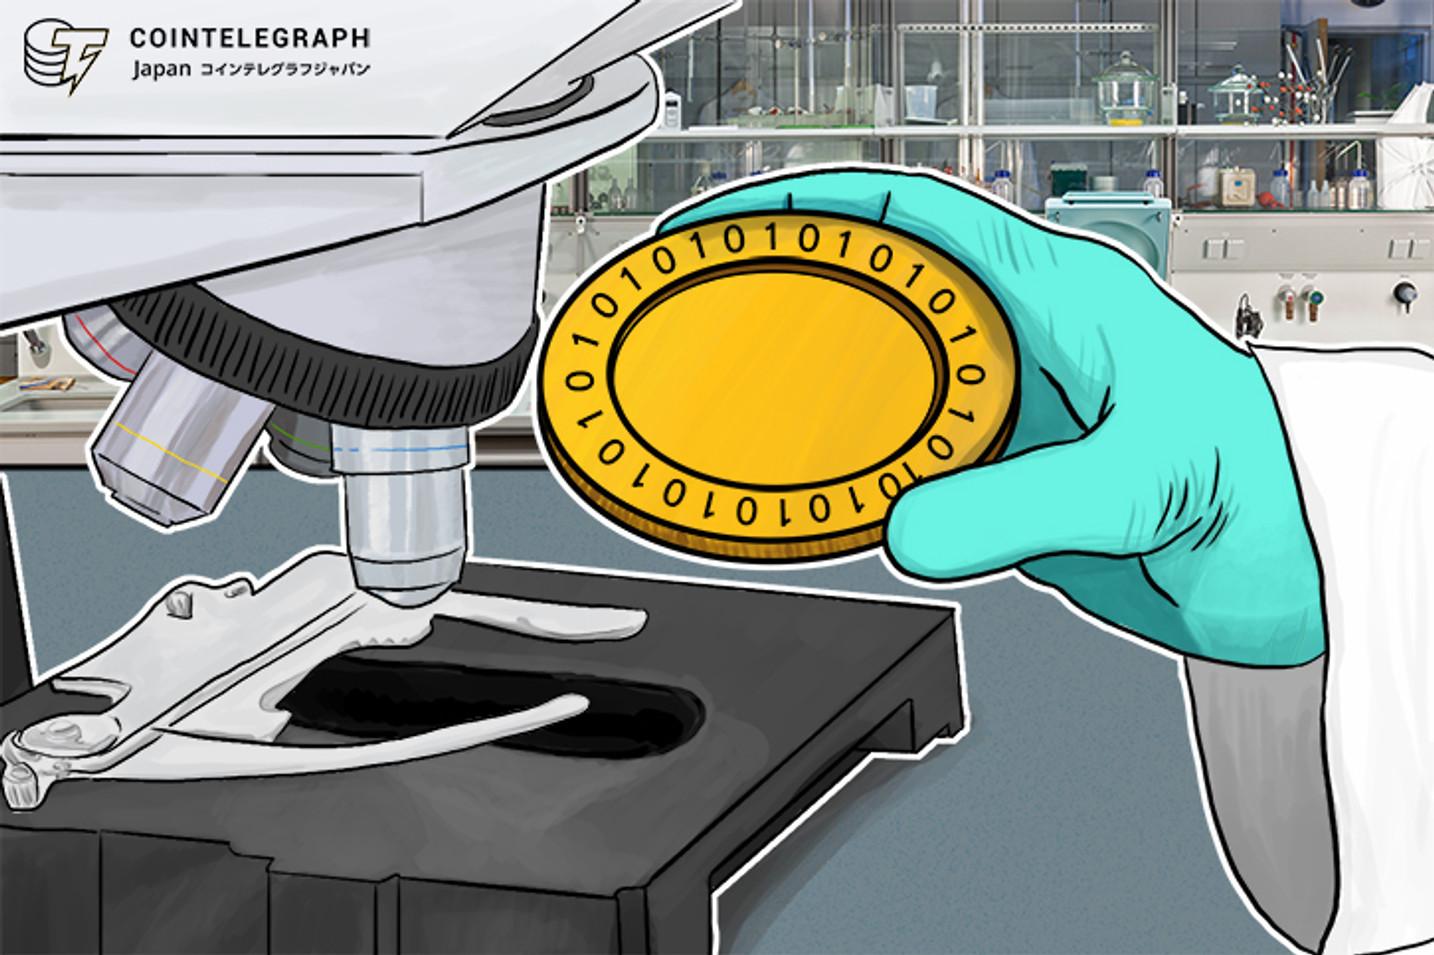 仮想通貨交換業協会の自主規制、取引のレバレッジは4倍上限で調整